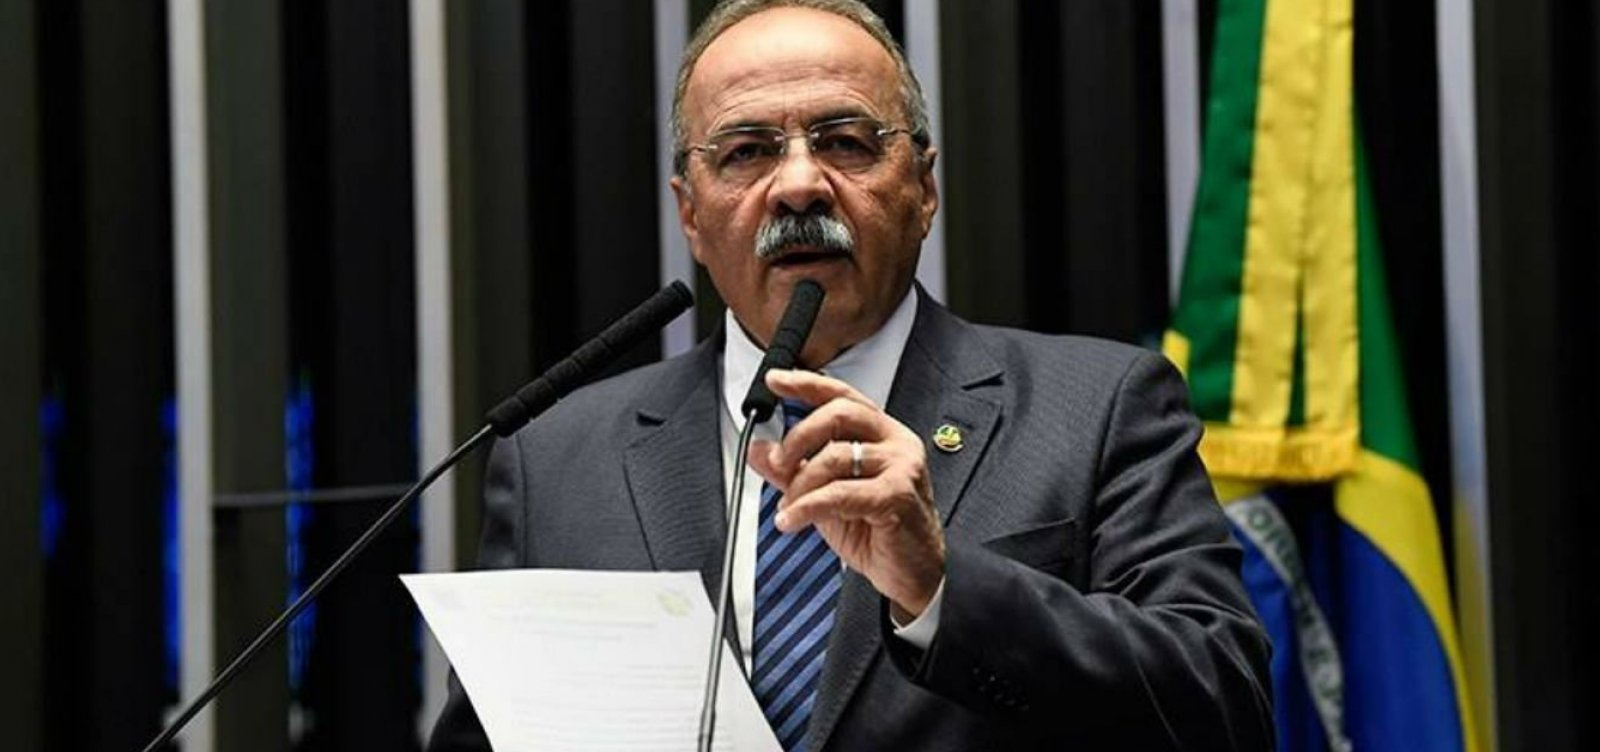 Presidente do Conselho de Ética diz que Chico Rodrigues deveria se licenciar por 120 dias